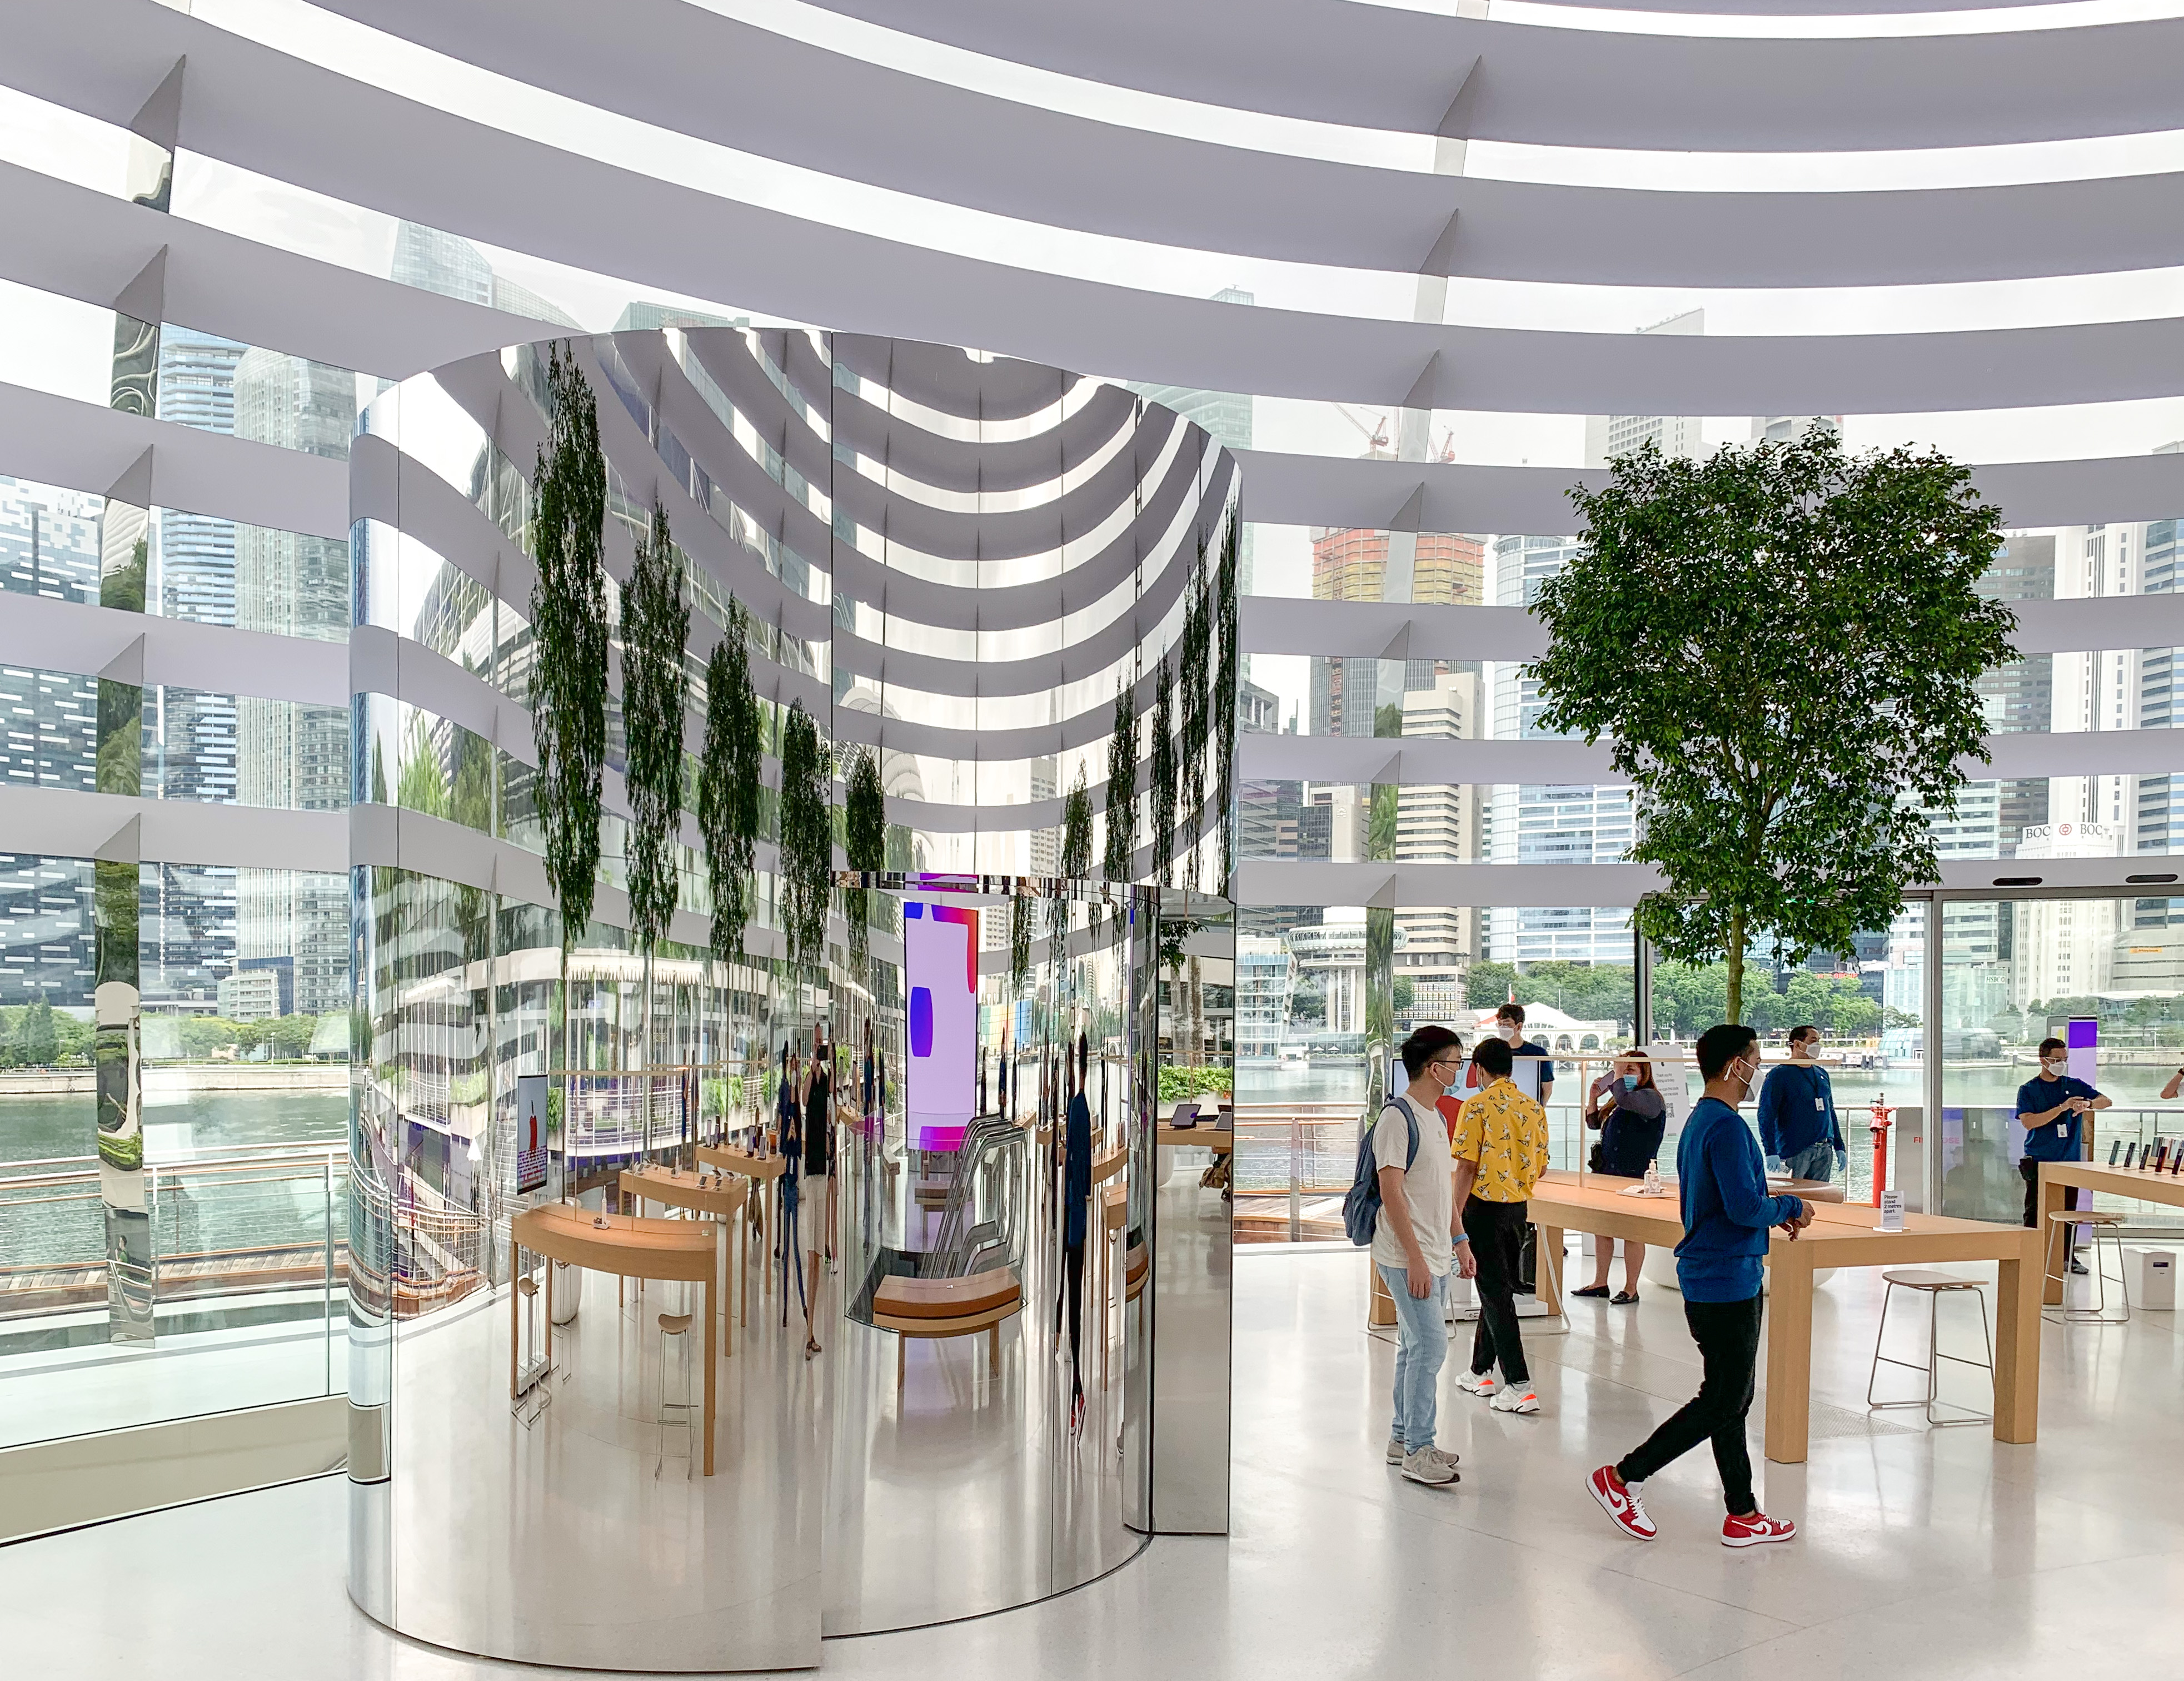 Apple mbs elevator